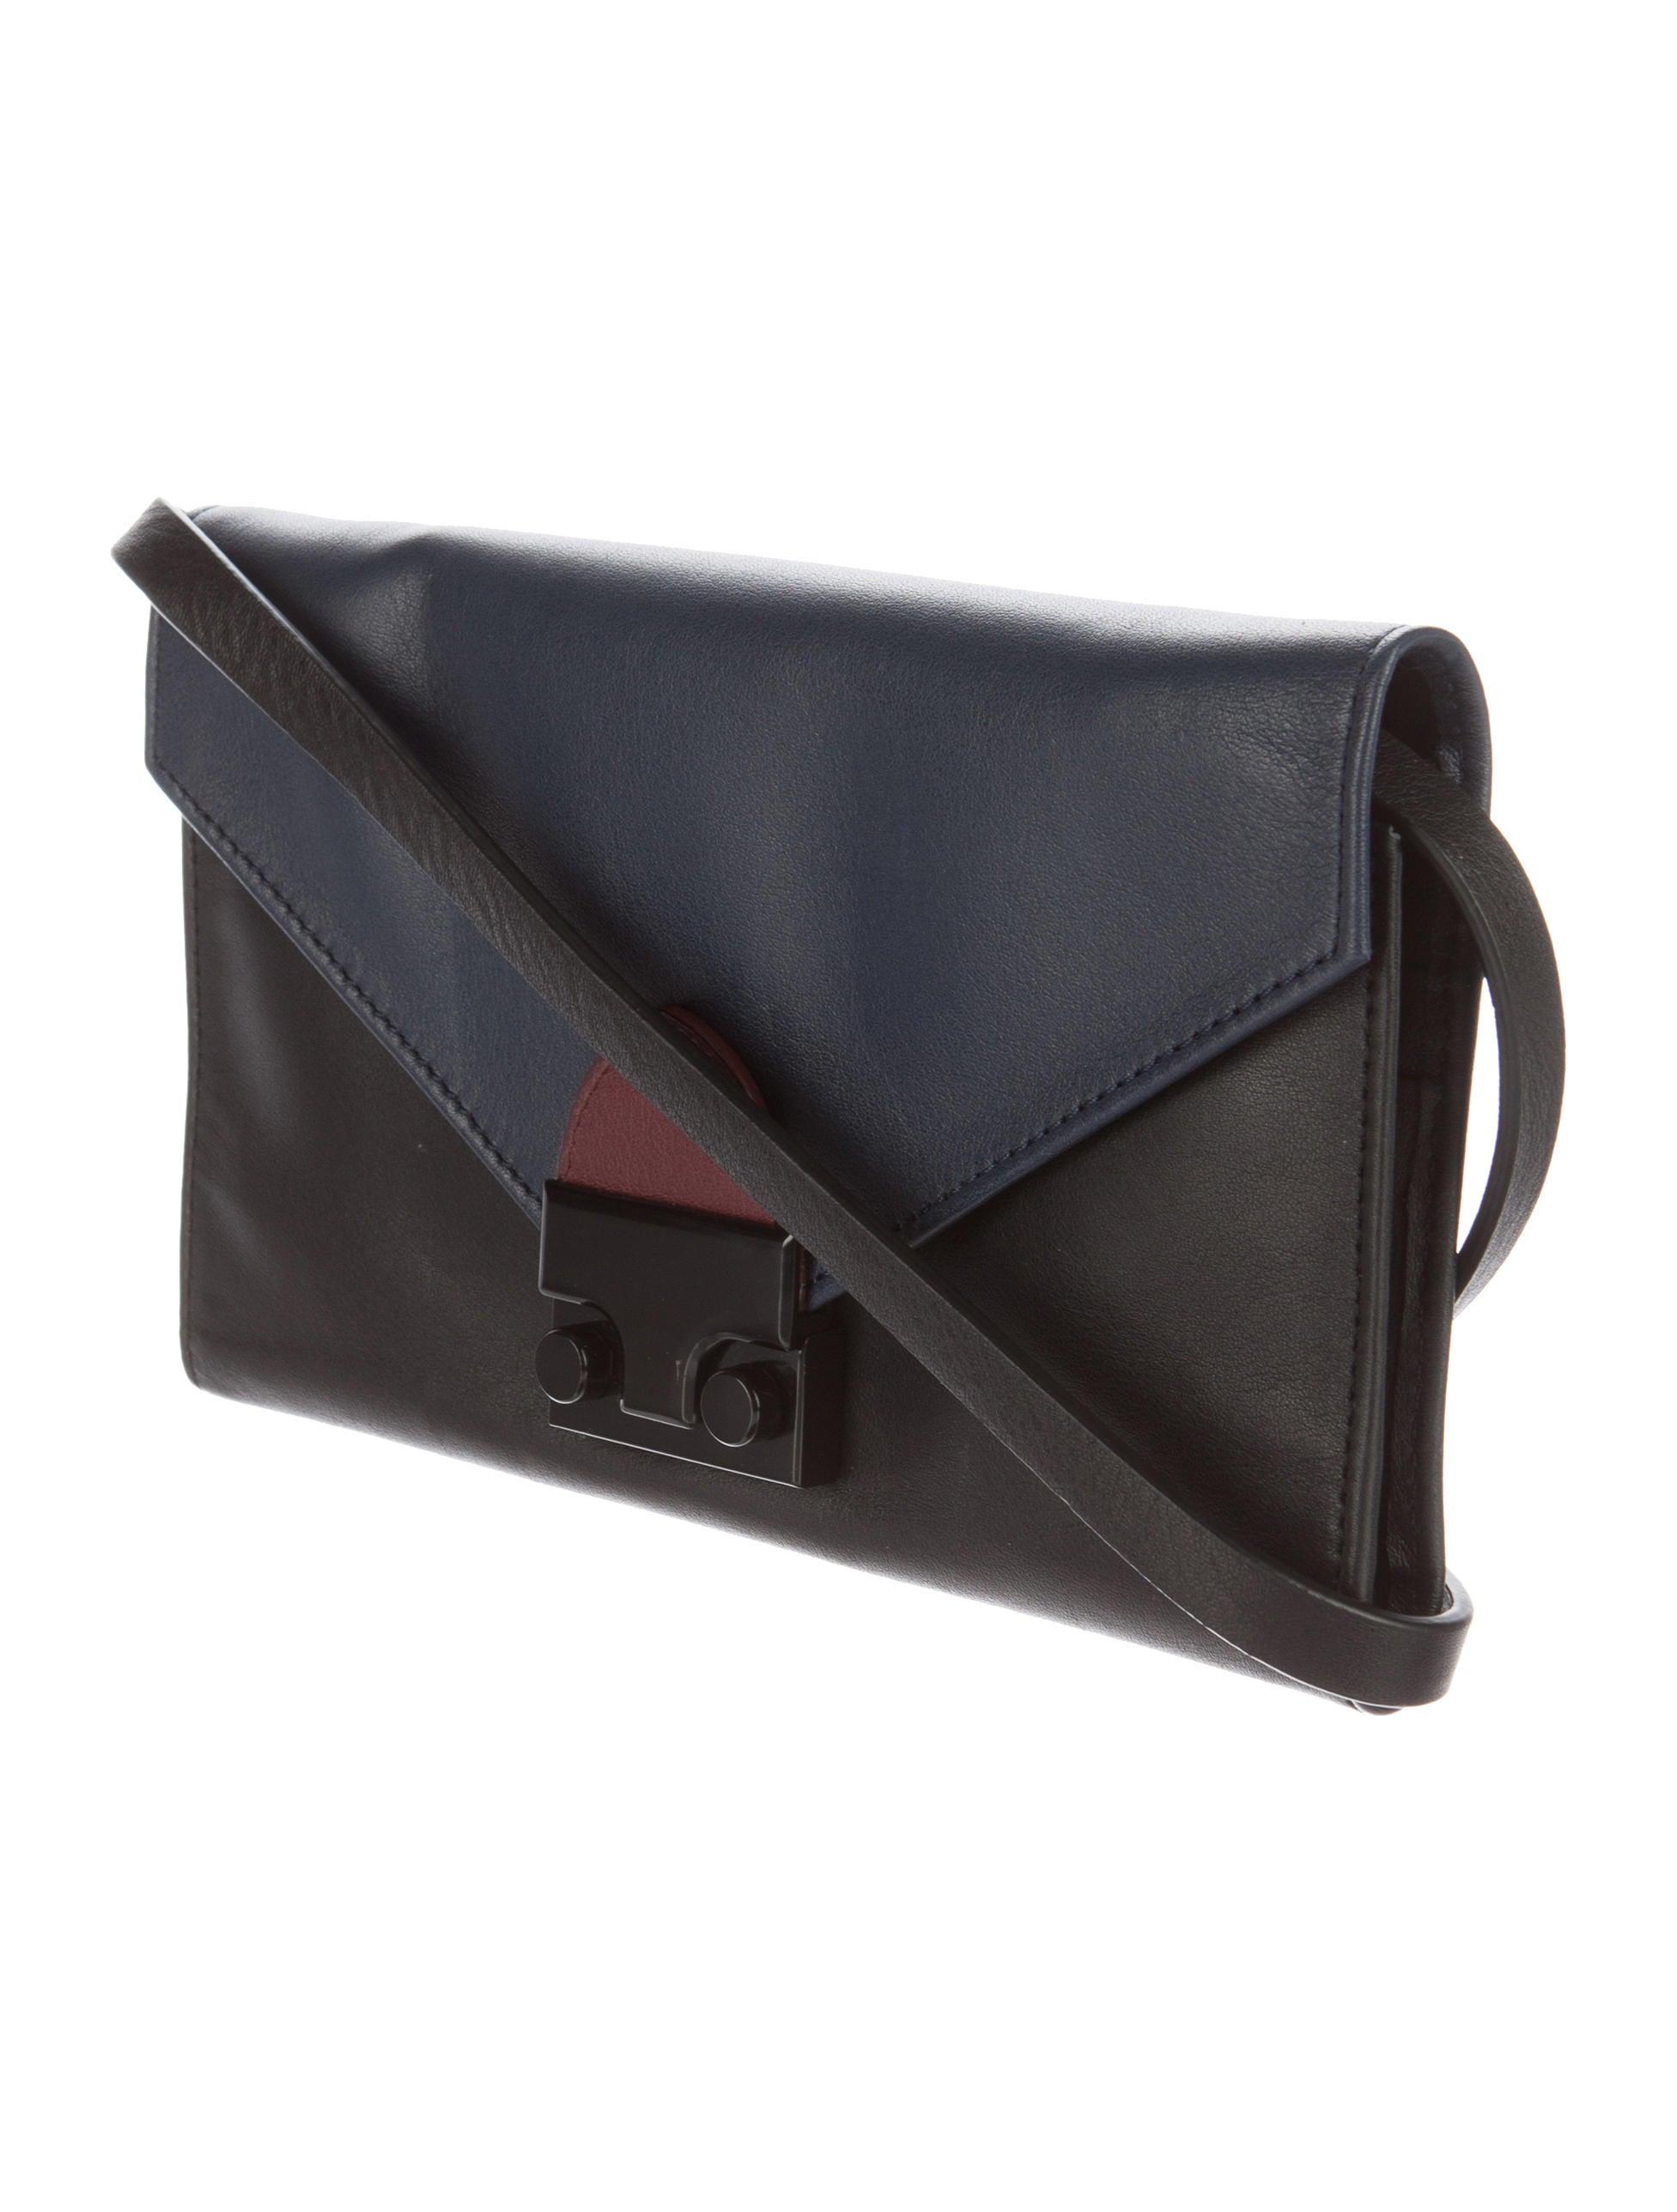 loeffler randall tricolor junior crossbody handbags